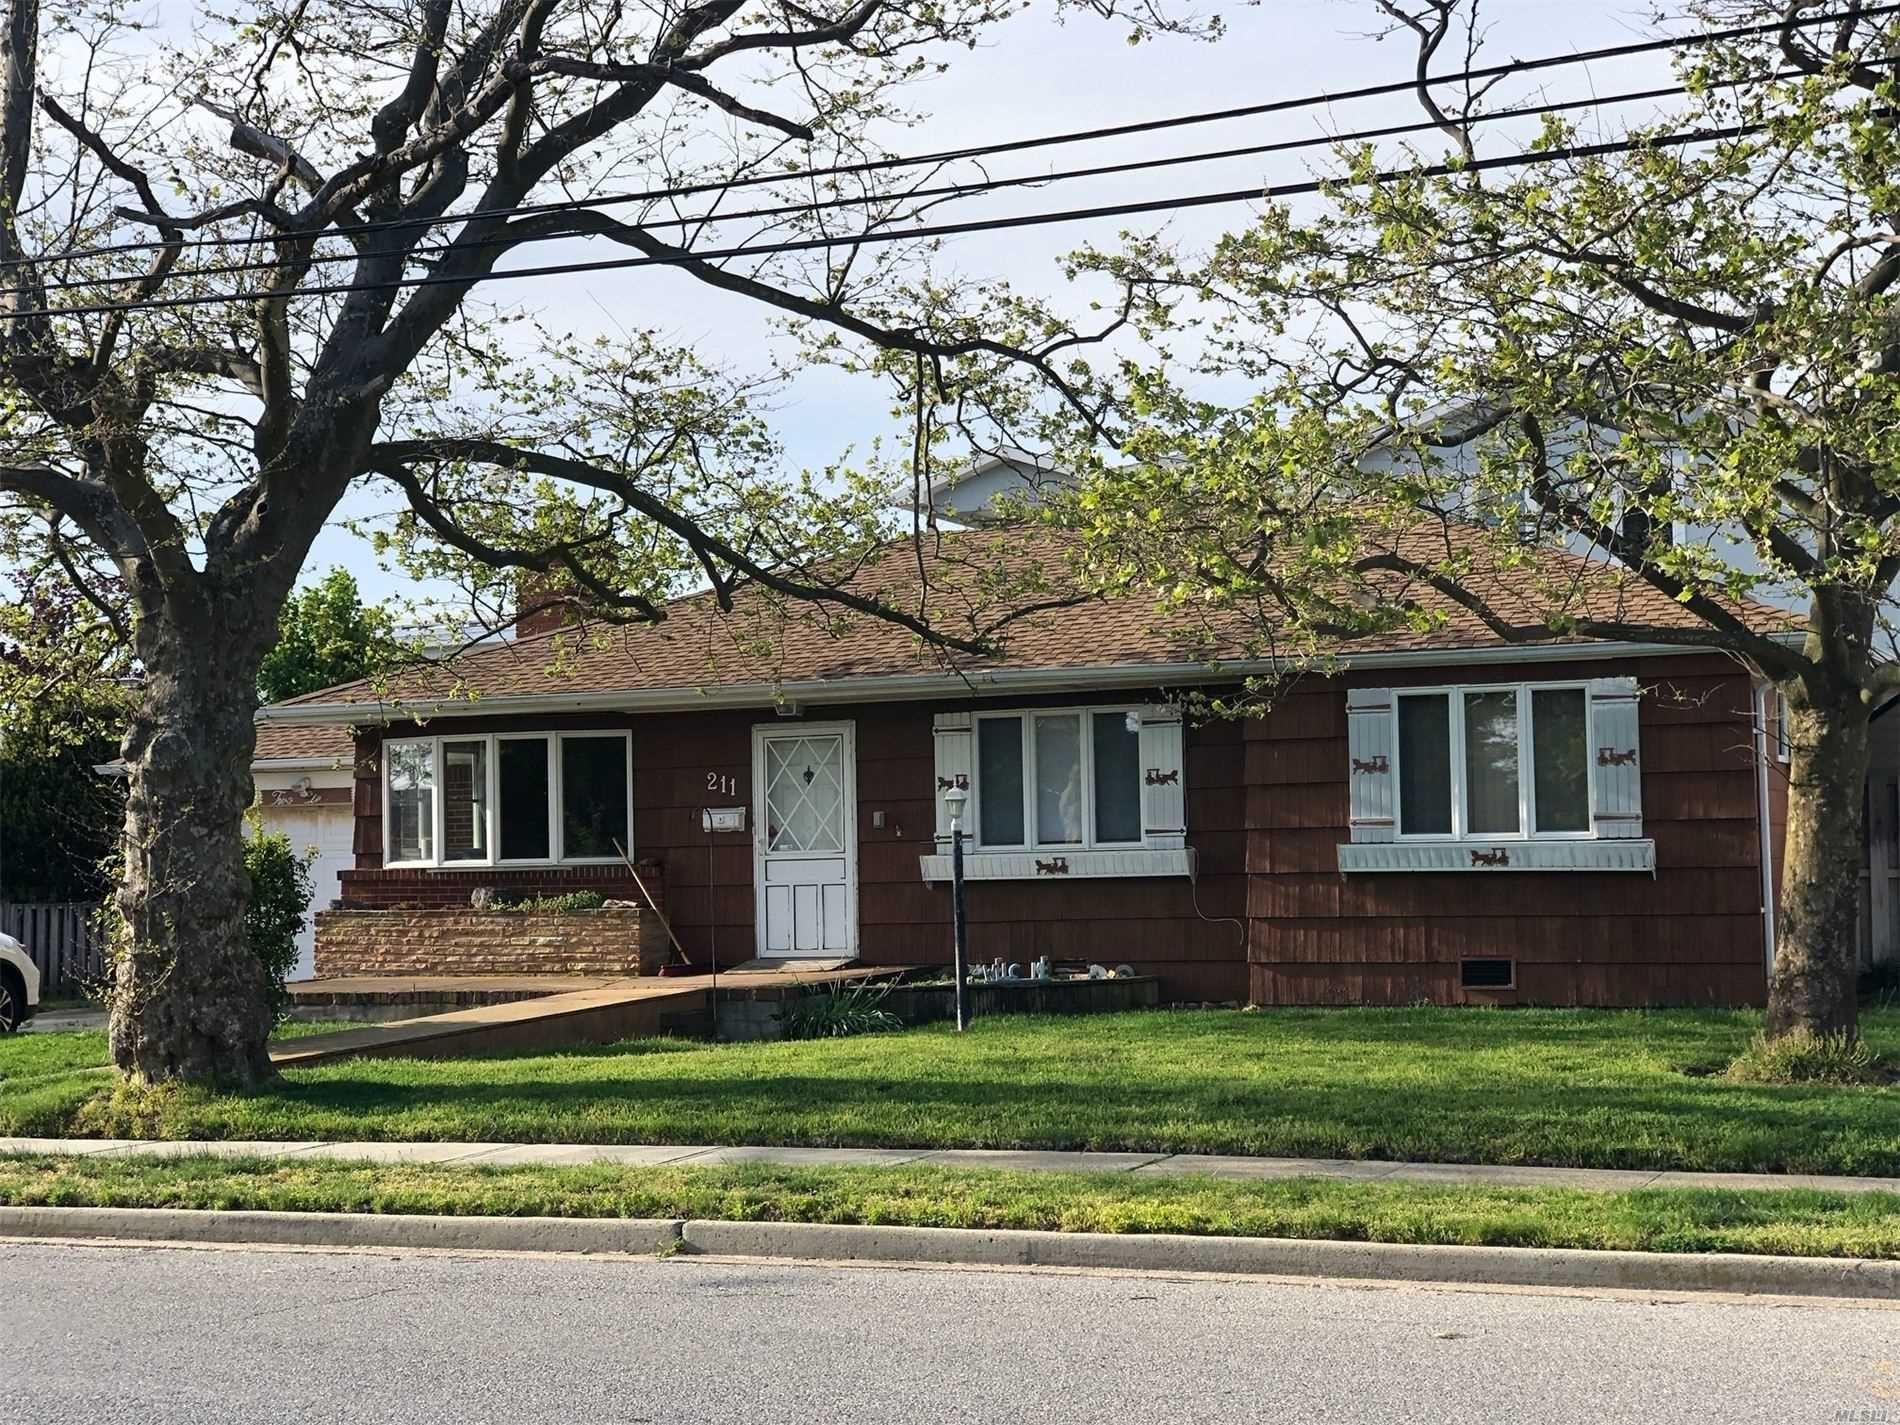 211 Sunset Ave, Island Park, NY 11558 - MLS#: 3216709